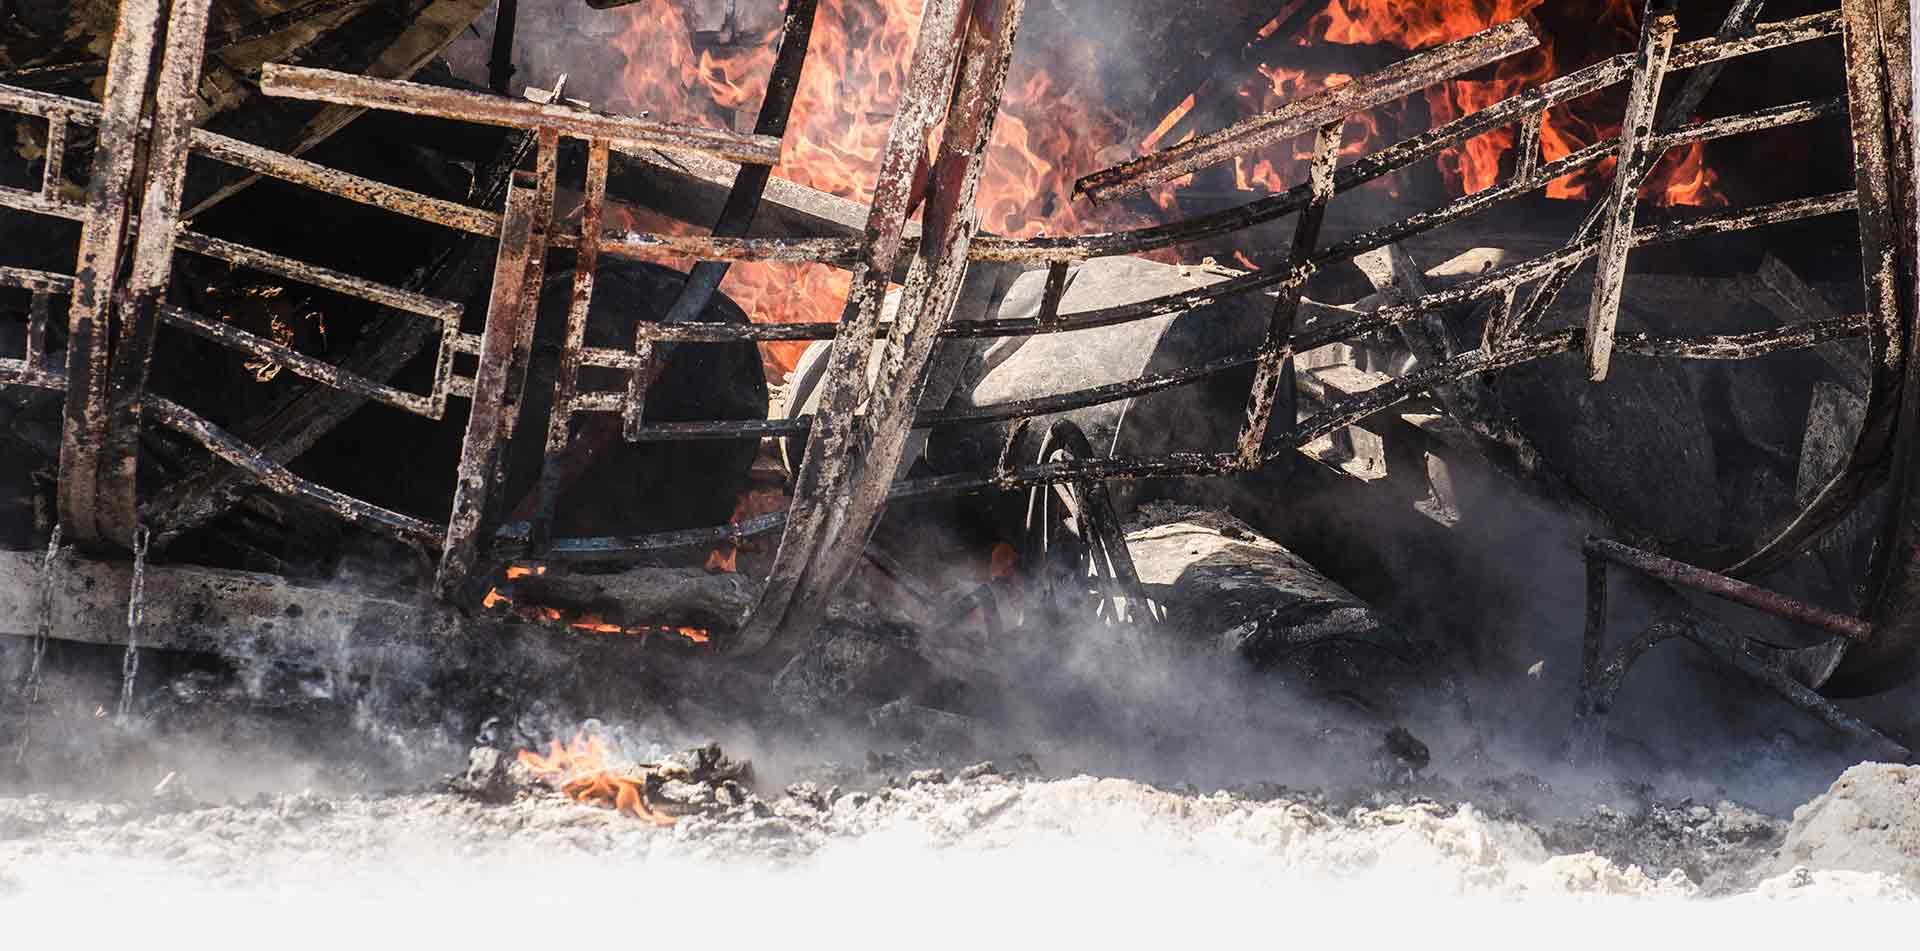 cosa fare in caso di incendio cta brendolan | Brendolan Emergency